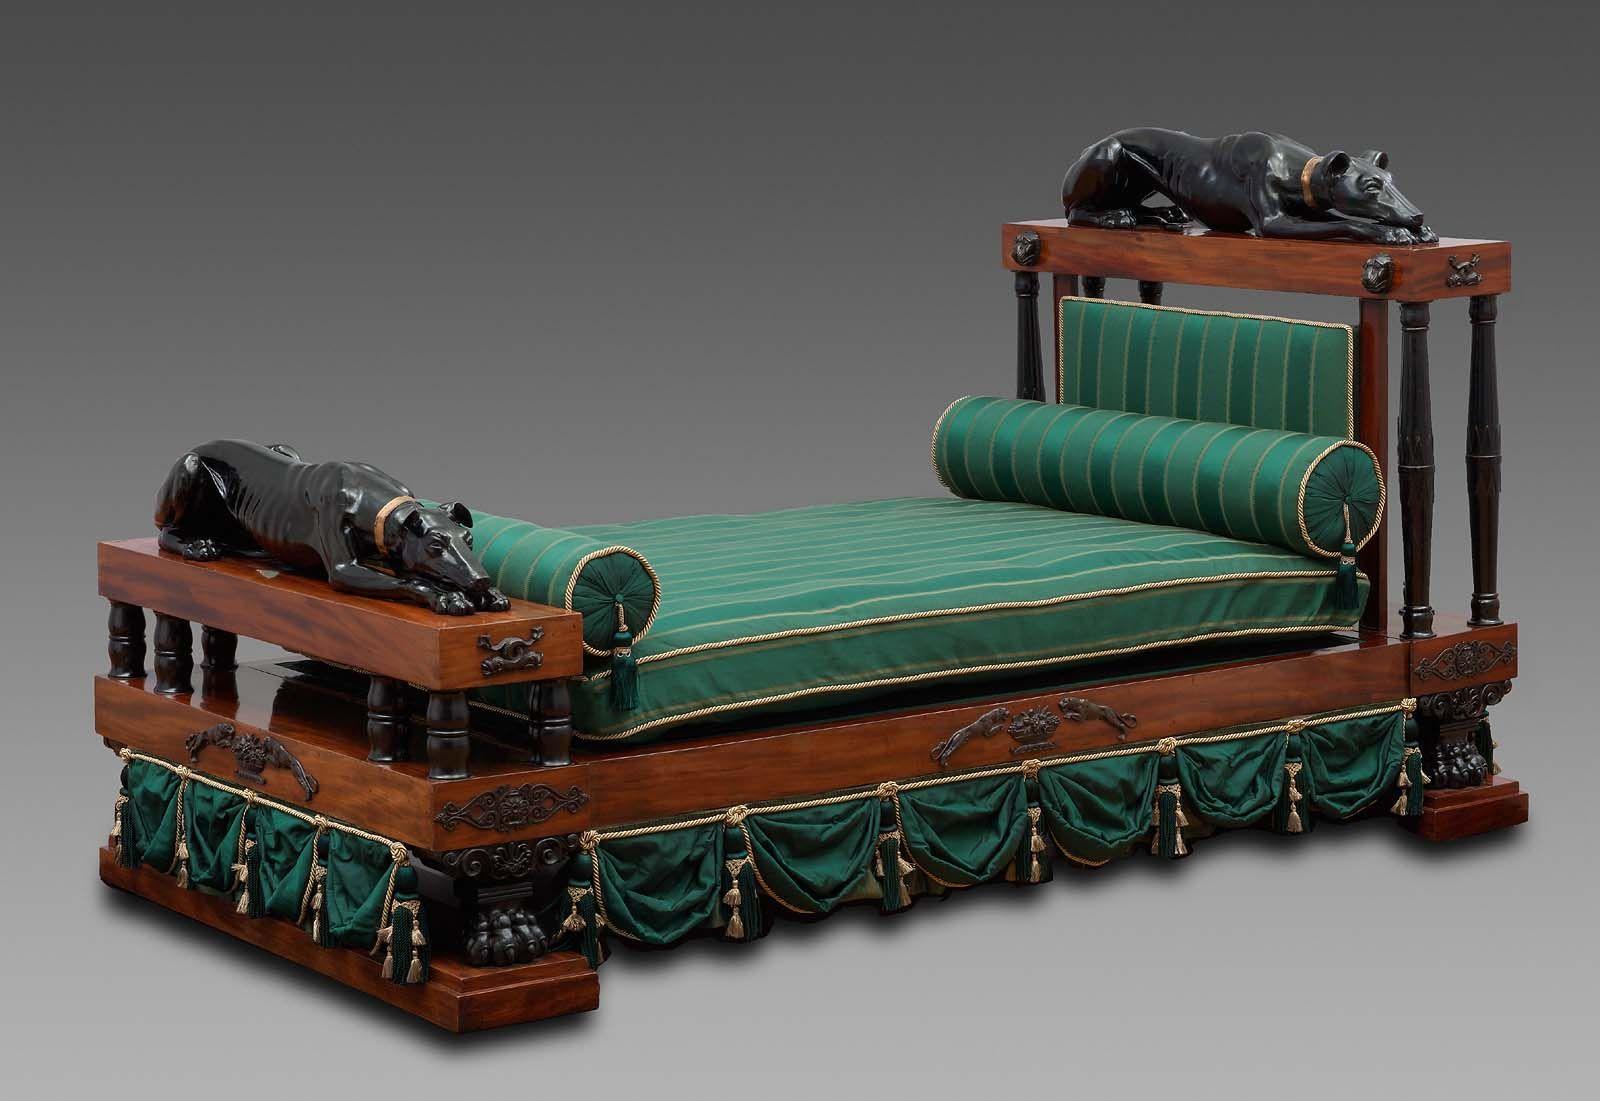 Cama Regencia inglesa alrededor de 1800-10 | MUEBLES | Pinterest | Camas